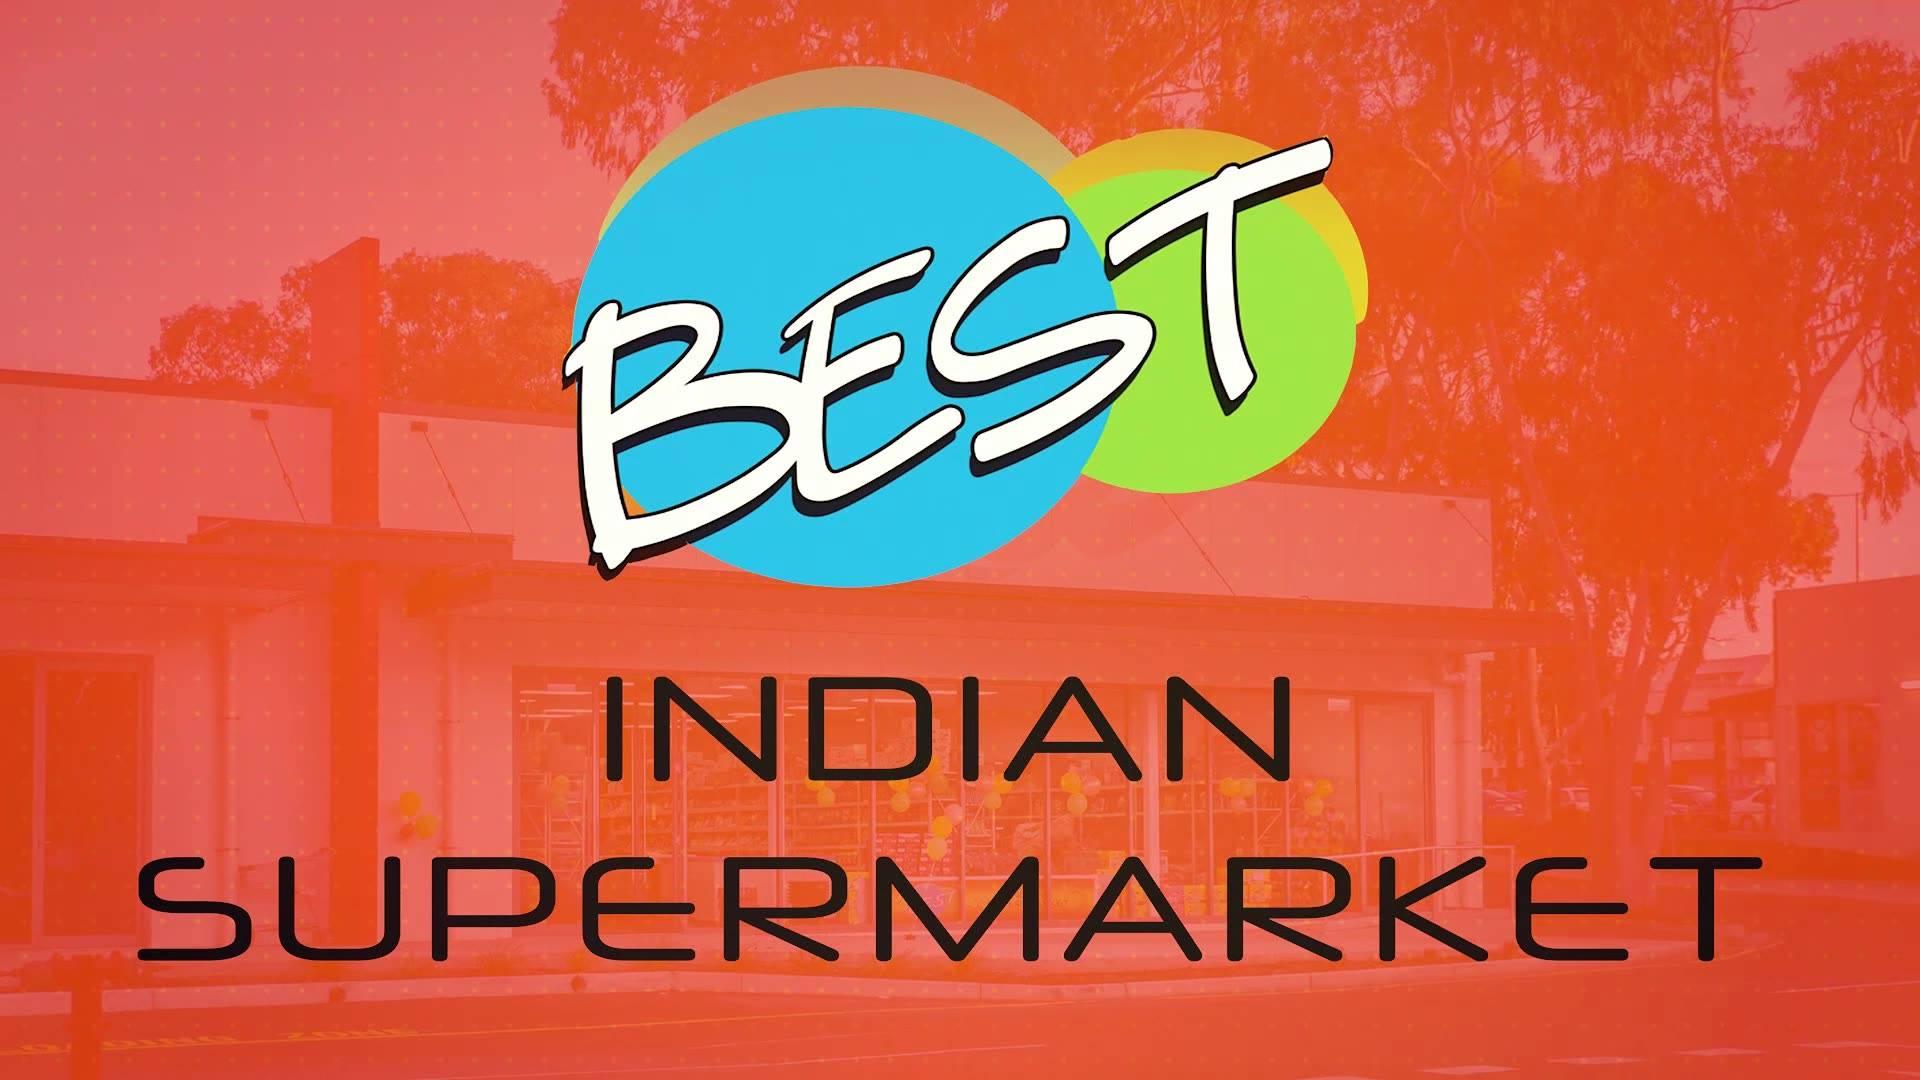 Best Indian Supermarket